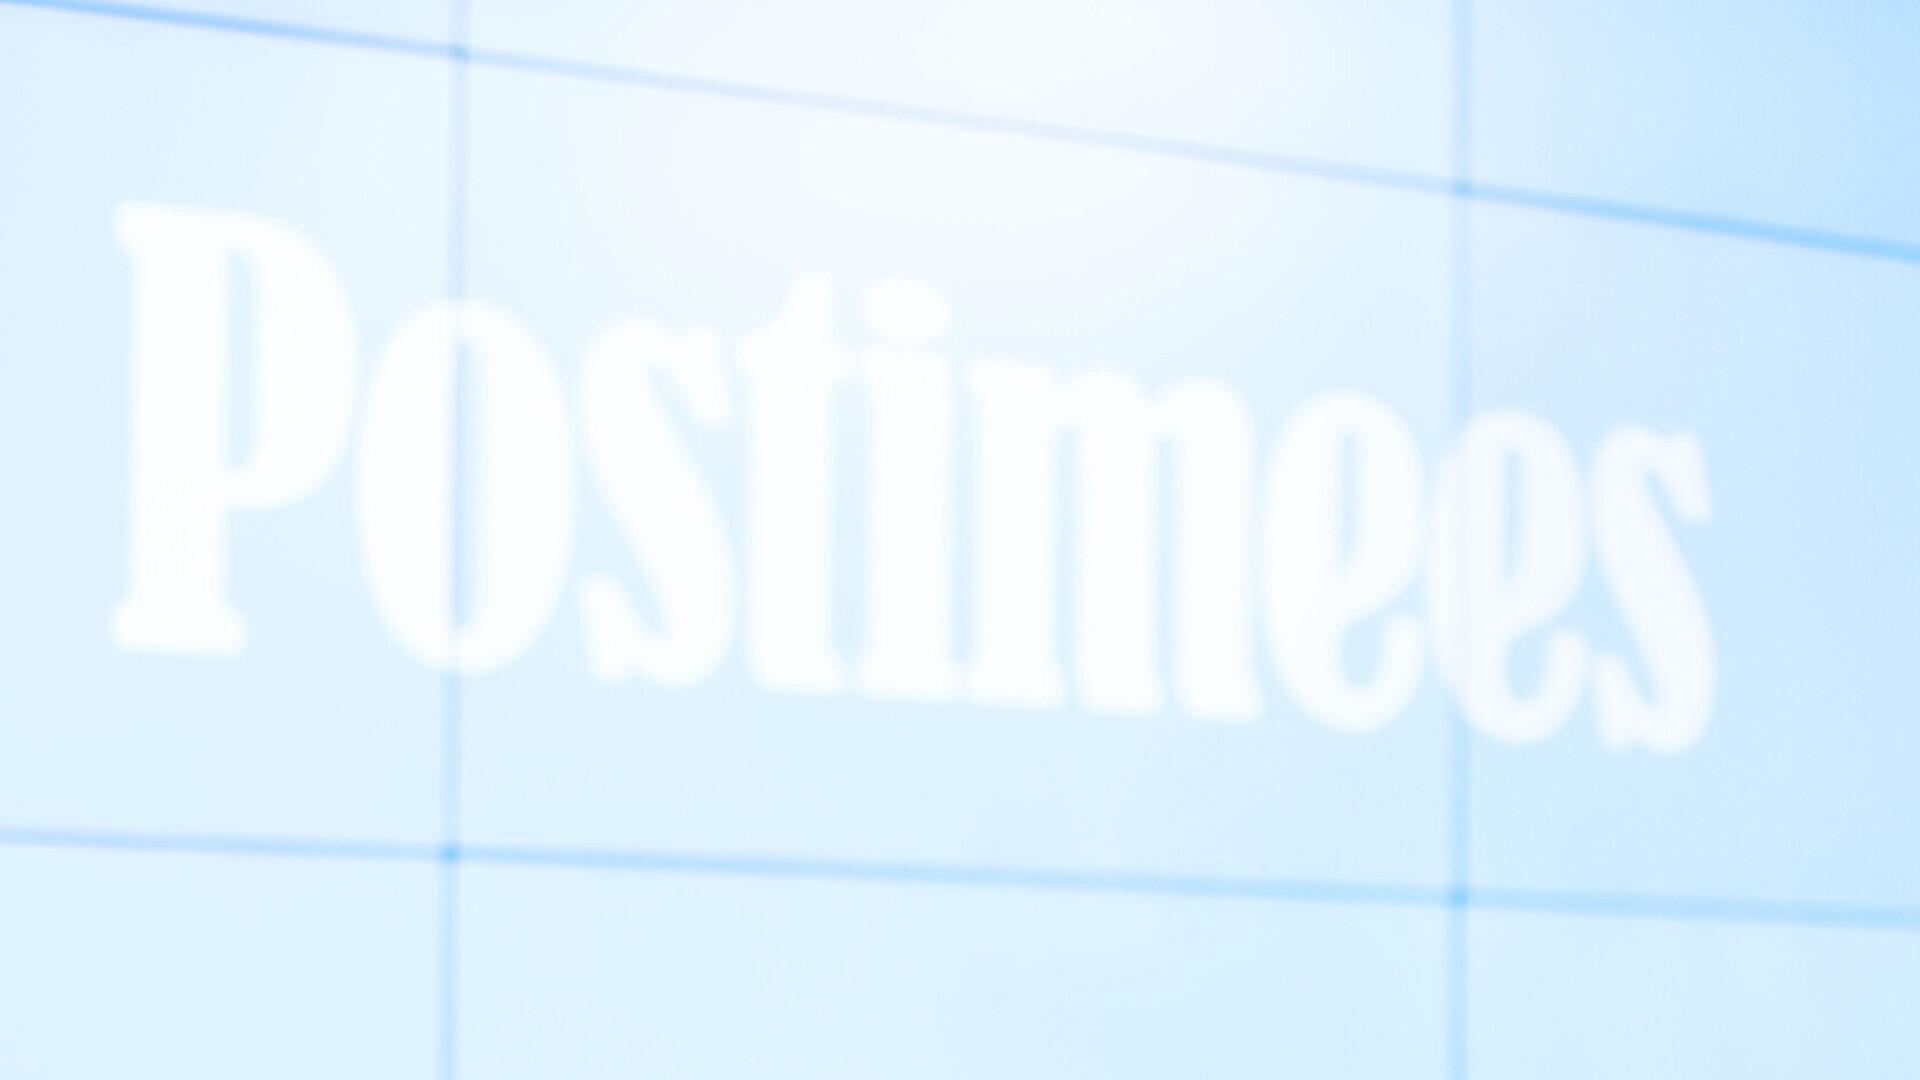 34b1d80567e Postimees sai sotsiaalministeeriumi kaebuse peale pressinõukogult taunida |  Eesti | ERR